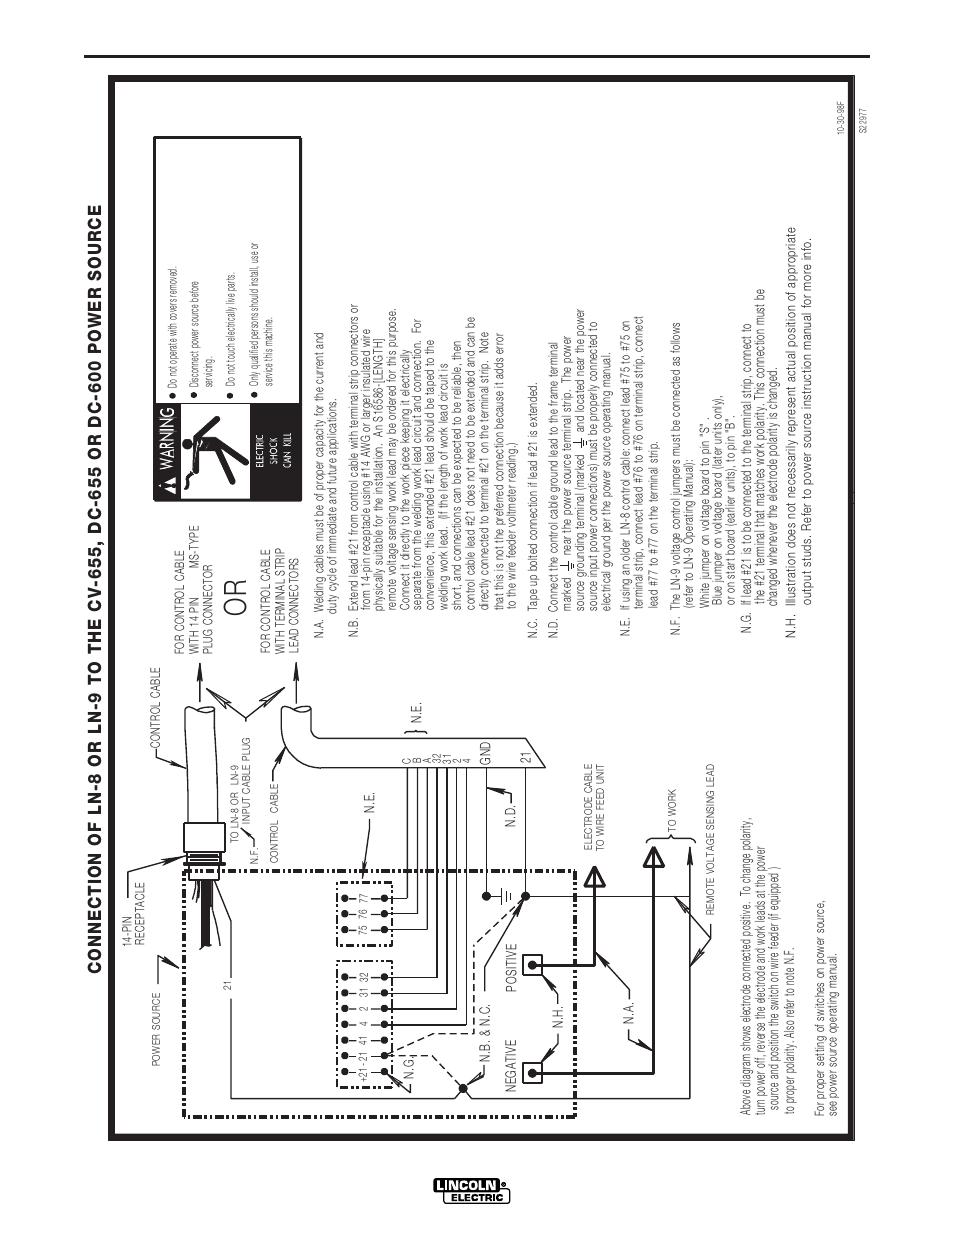 schémas, dc-600   lincoln electric im642 idealarc dc-600 manuel  d'utilisation   page 46 / 56  modes-d-emploi.com